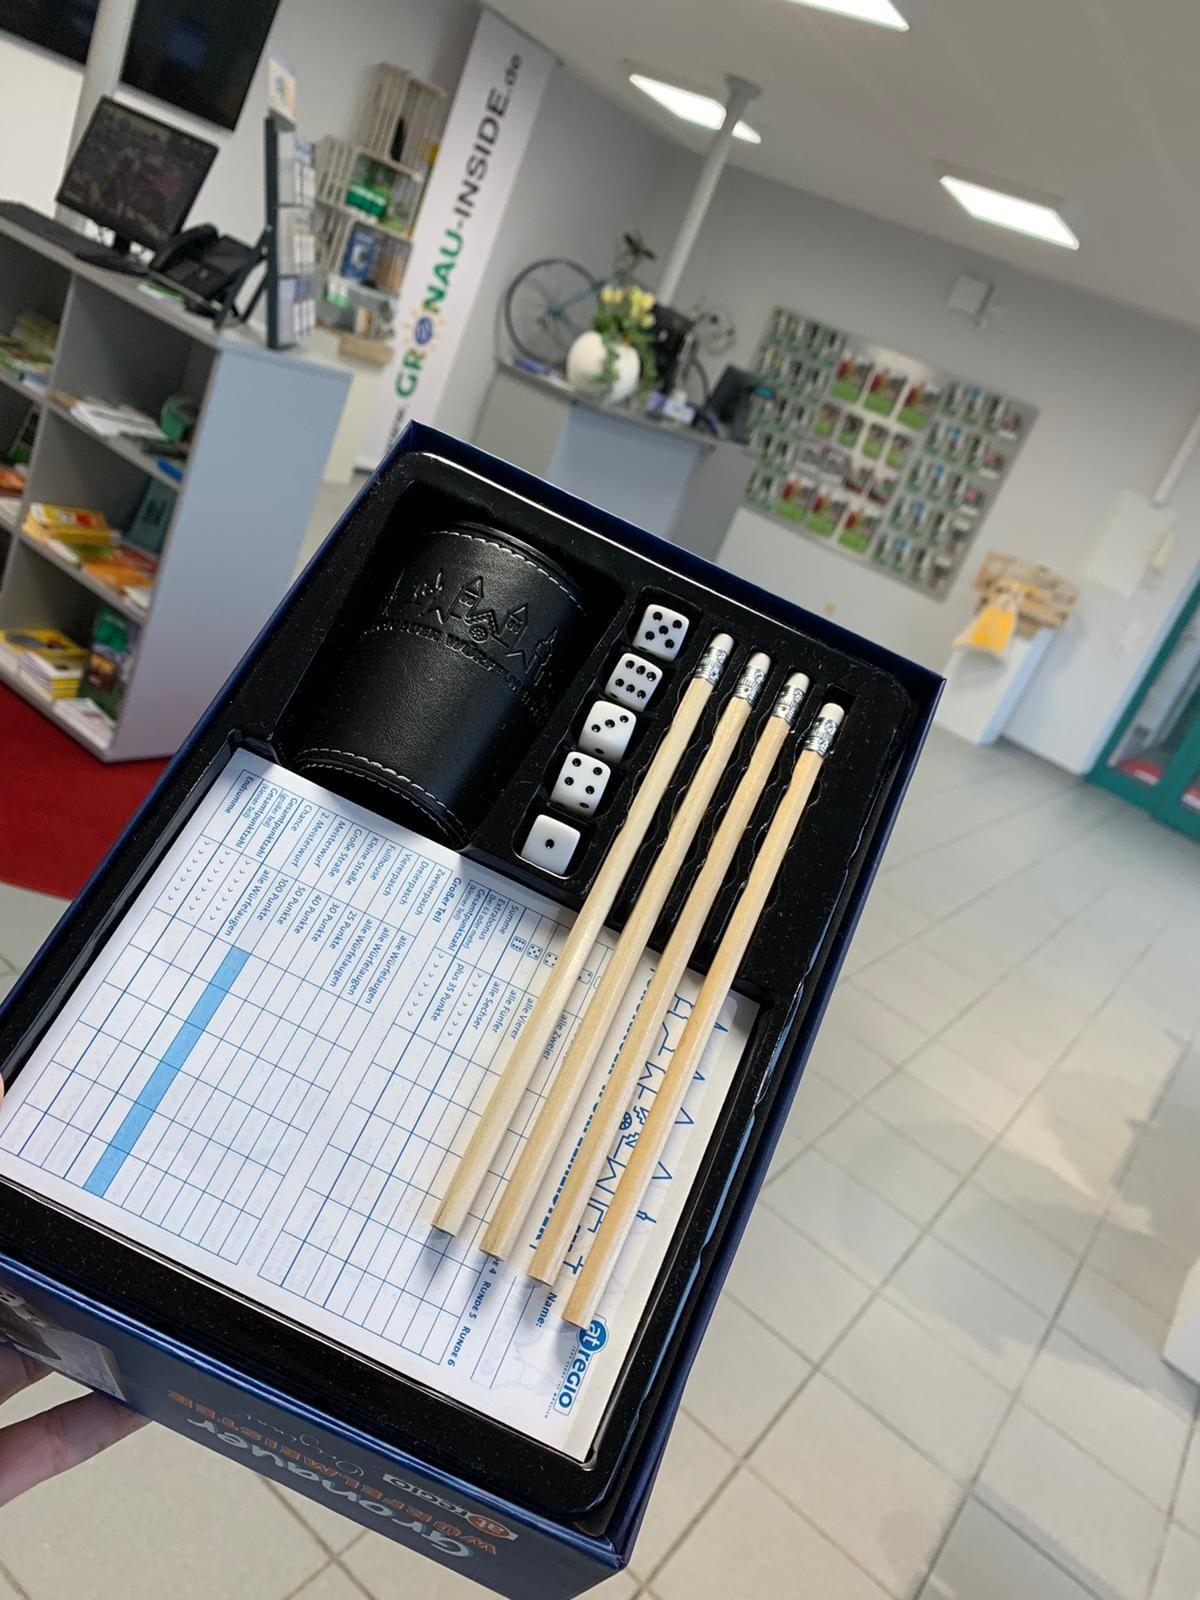 Willkommen im Gronau-Shop! | Gronau inside